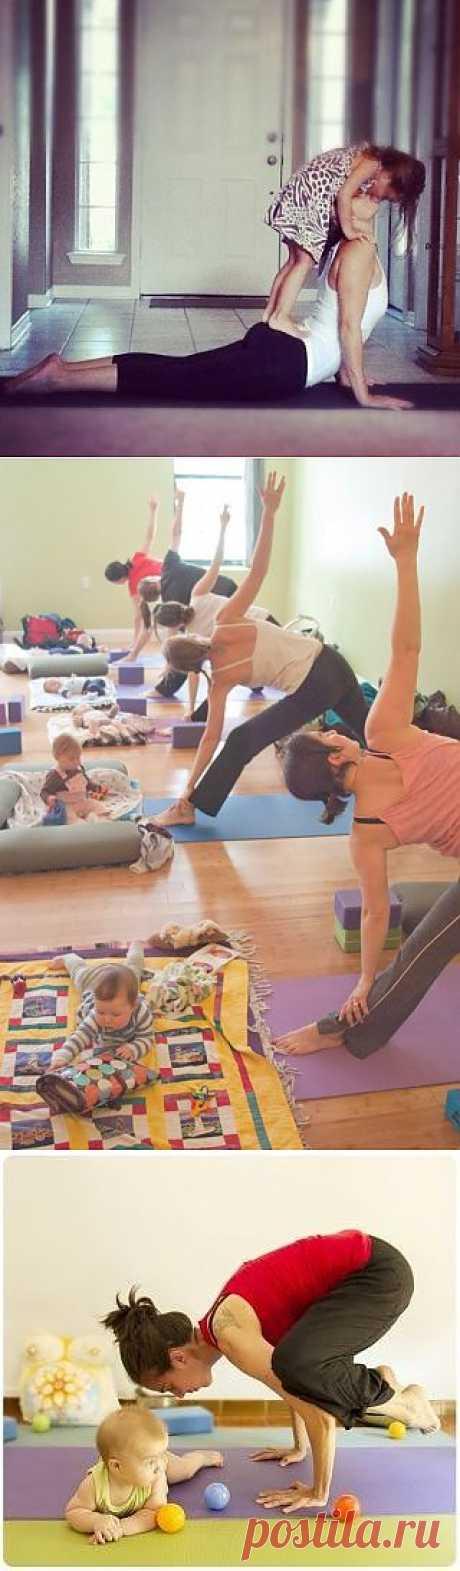 Йога вместе с детьми « Sunniest.ru